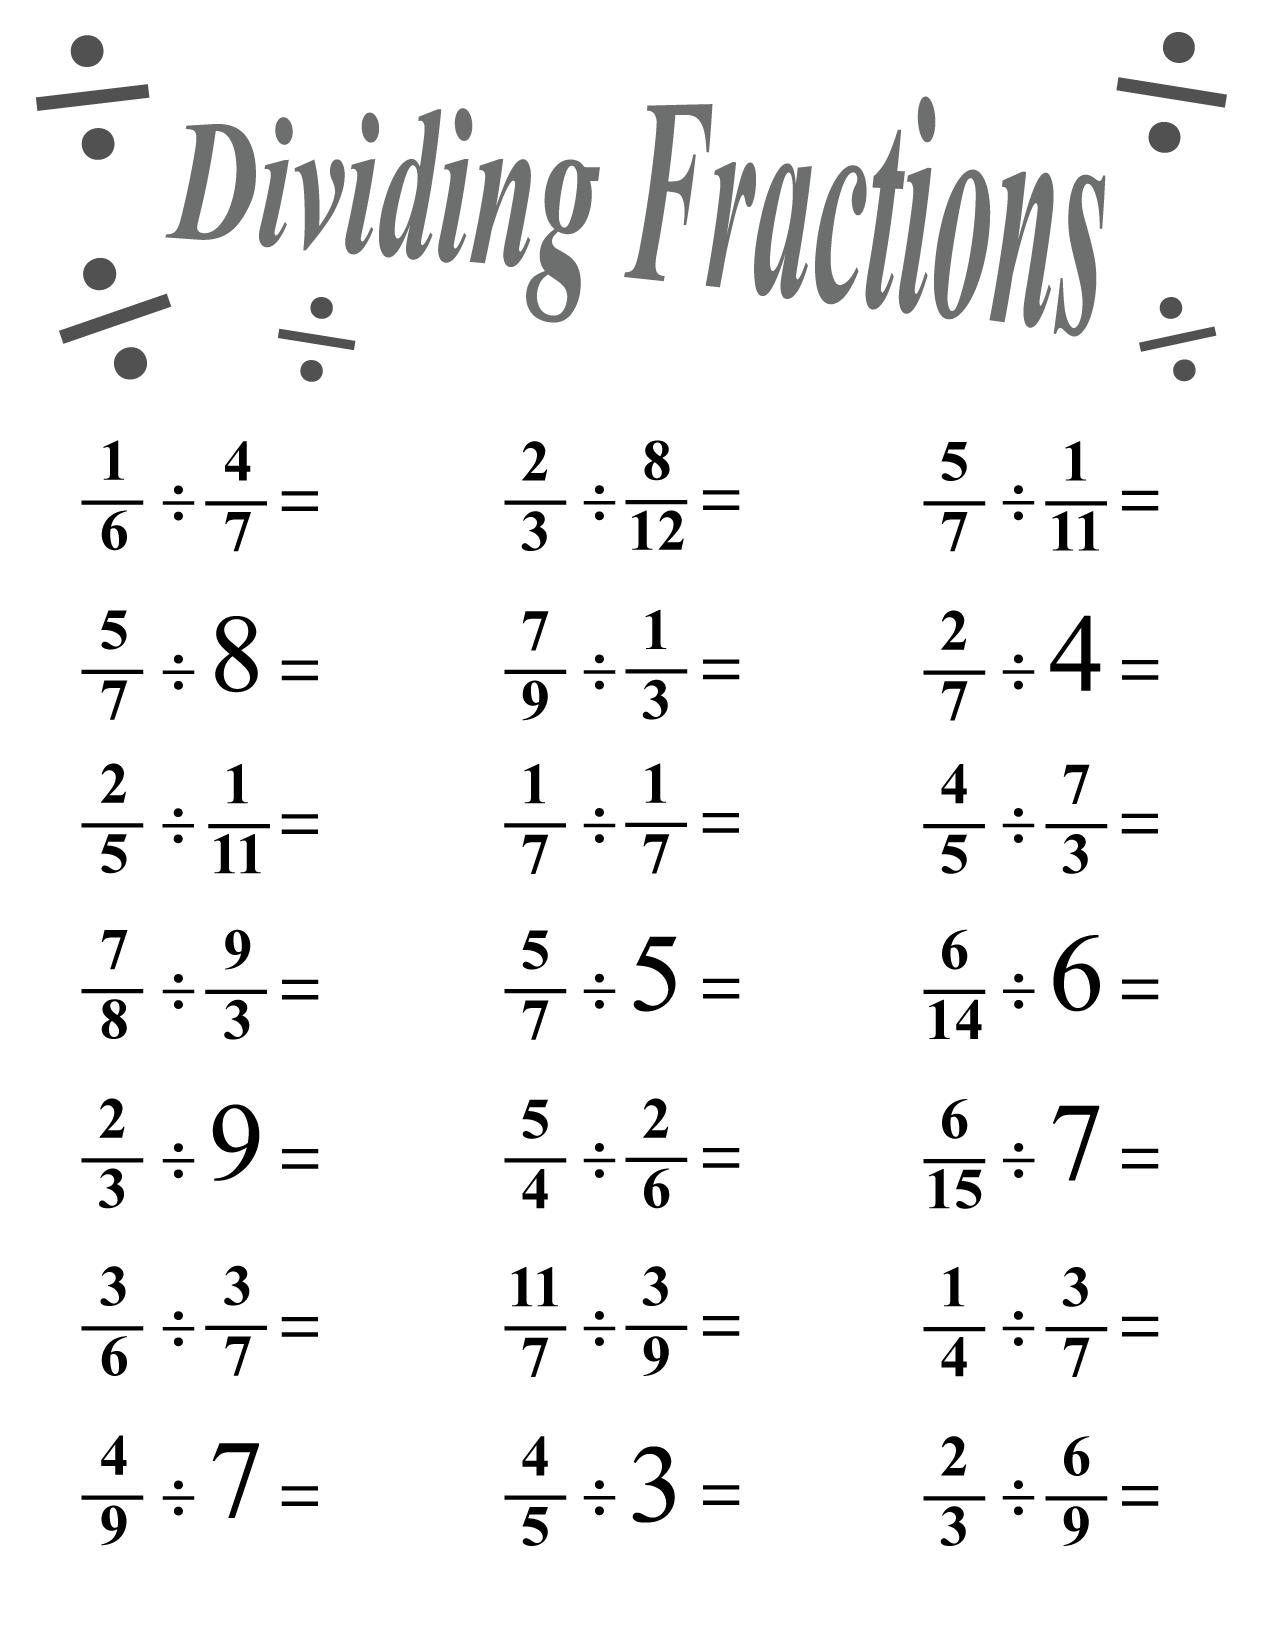 Dividing fractions worksheet